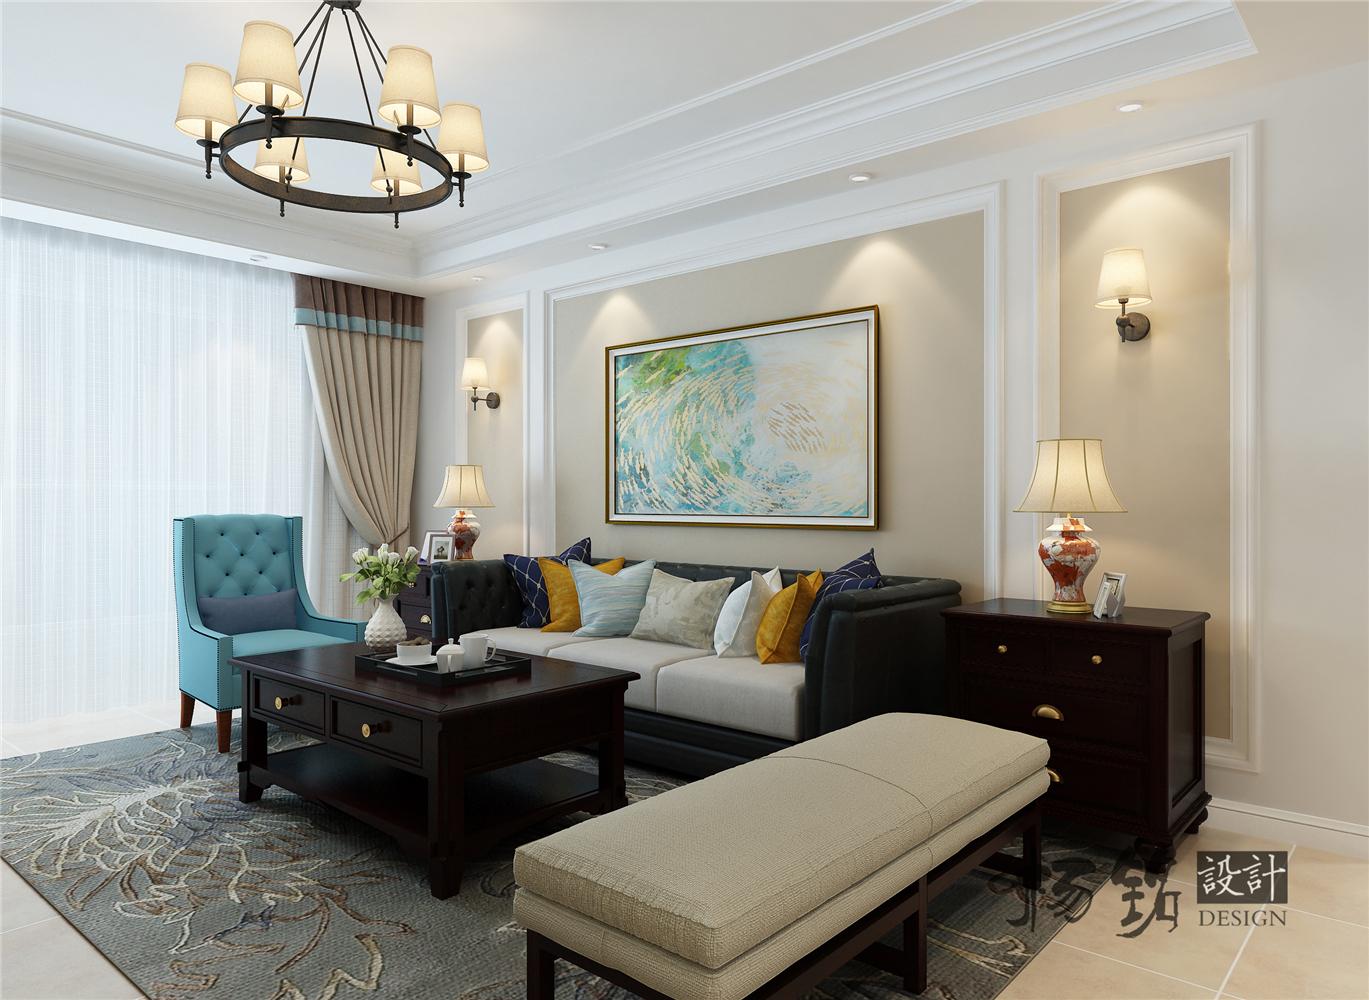 135㎡美式风格沙发背景墙装修效果图